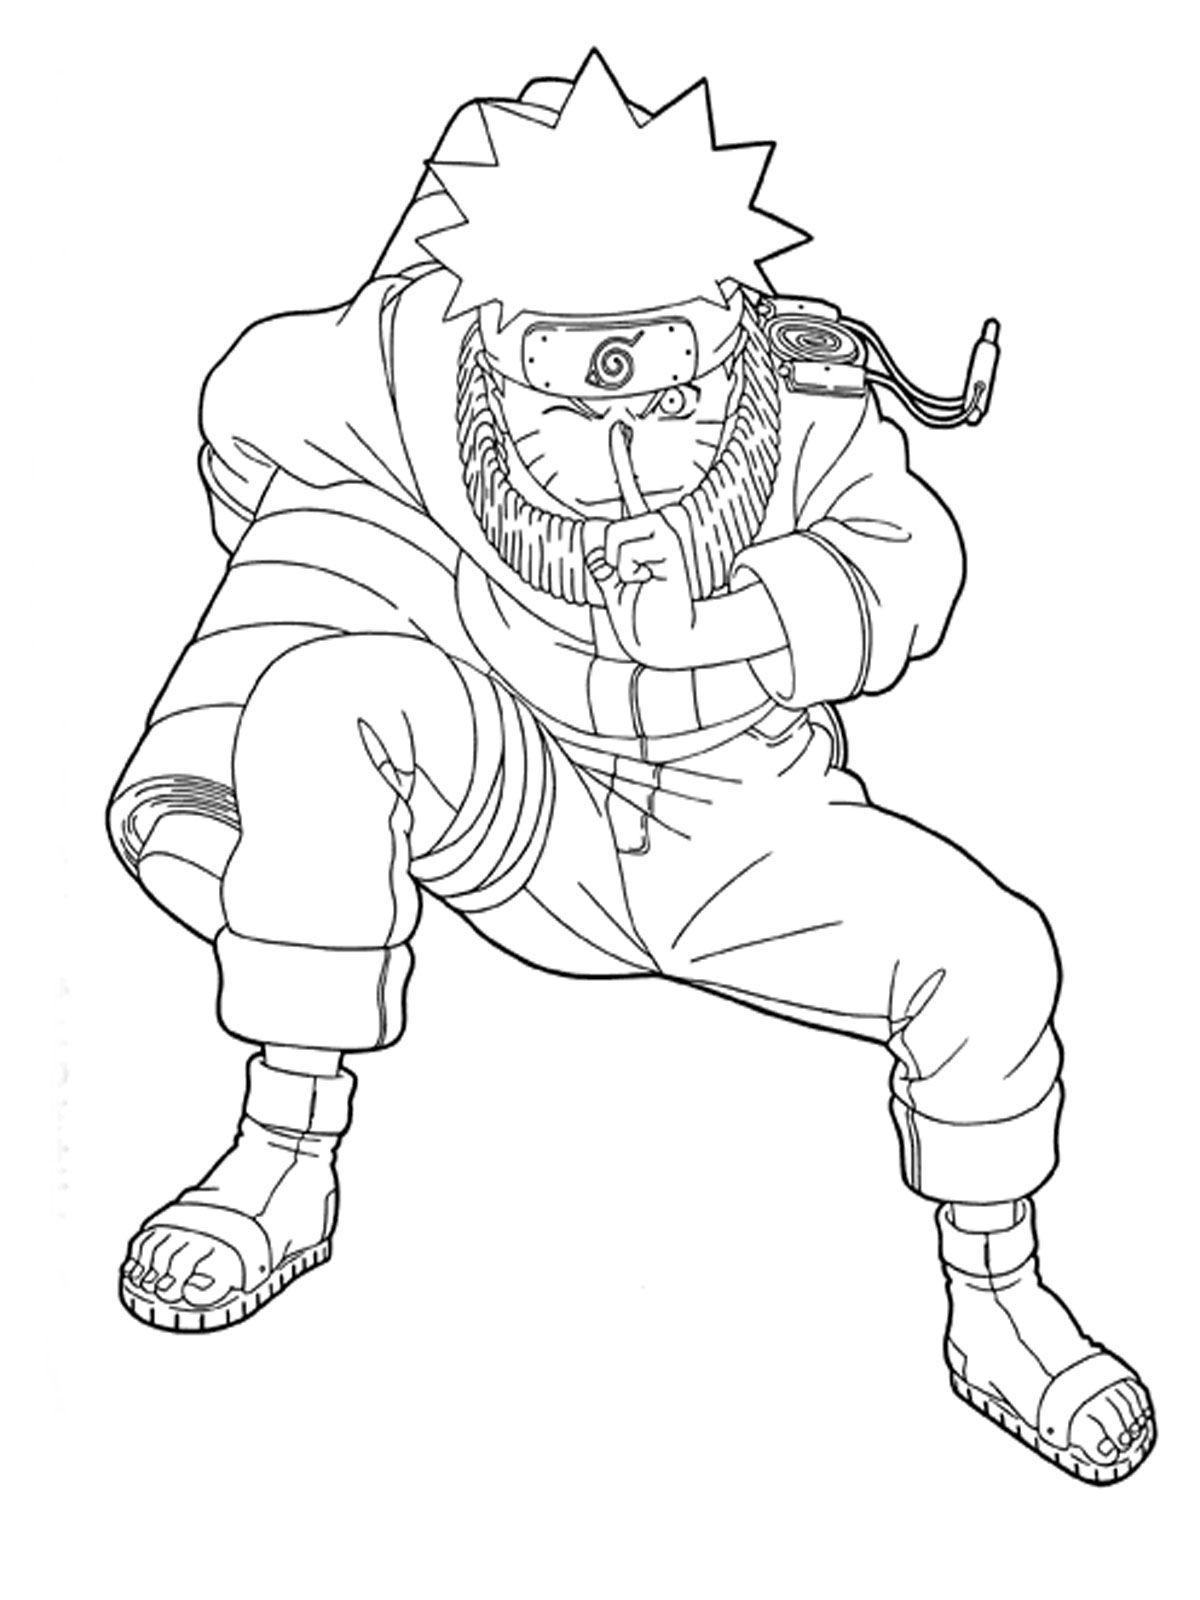 Naruto Gezeichnet